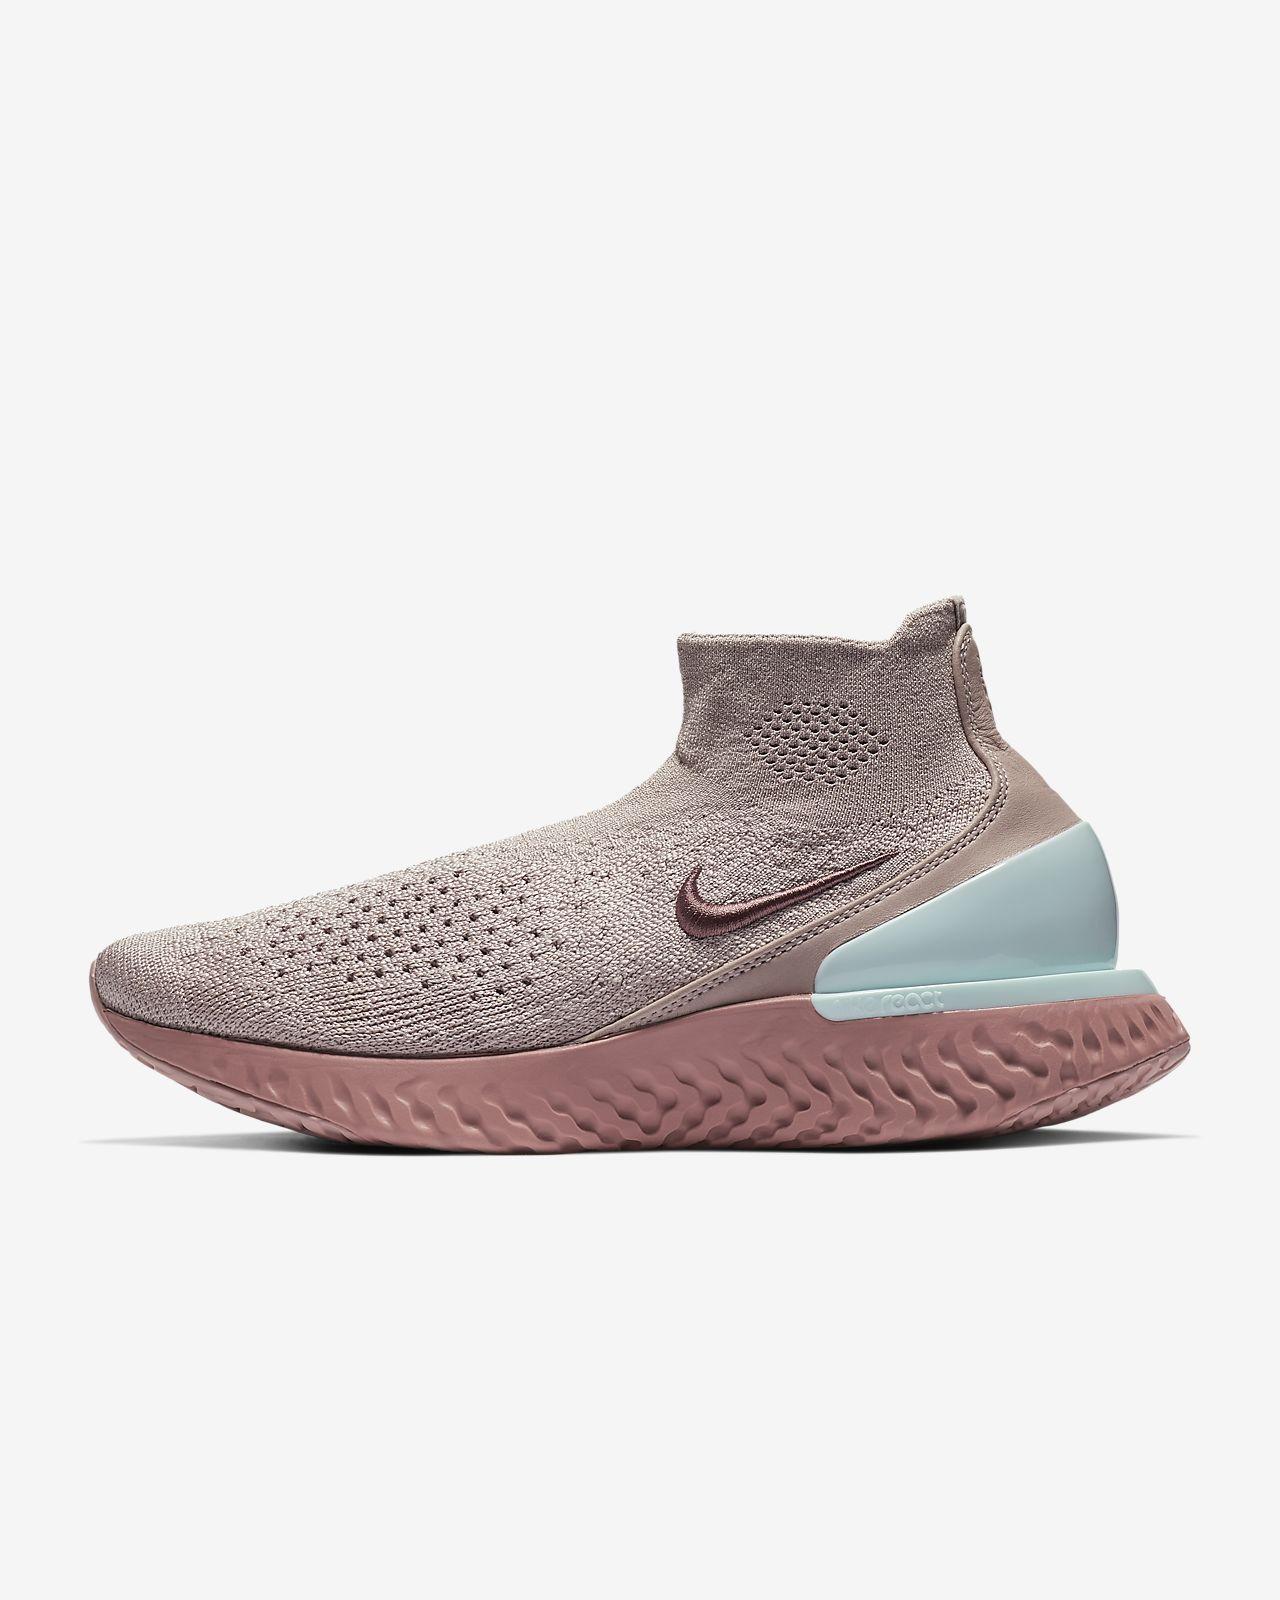 Nike Rise React Flyknit Damen-Laufschuh